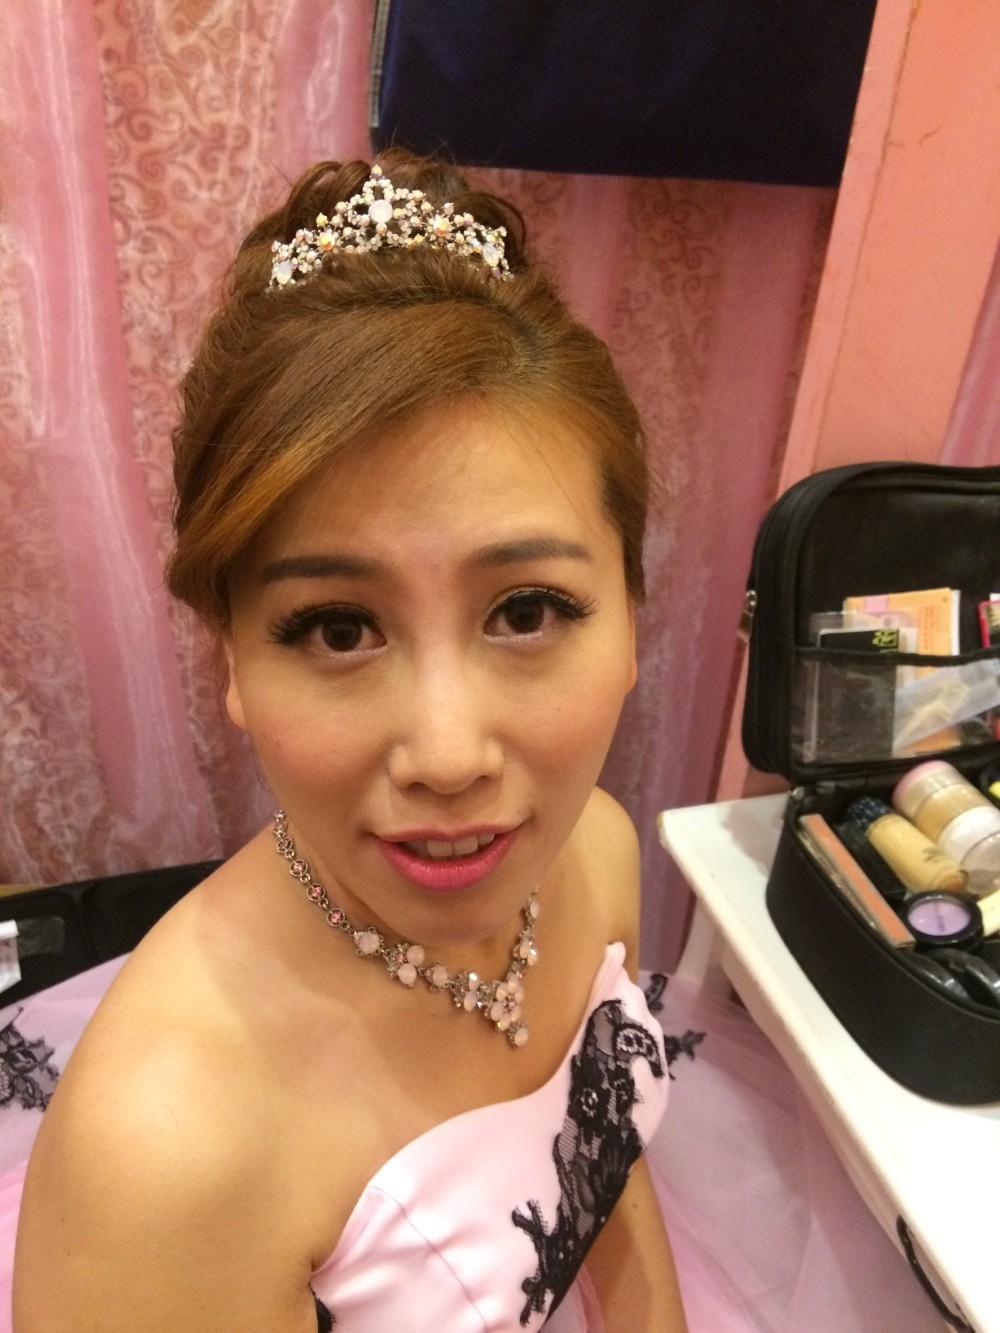 歐式高盤髮造型|貴族奢華風|皇冠新娘造型-新秘ADi